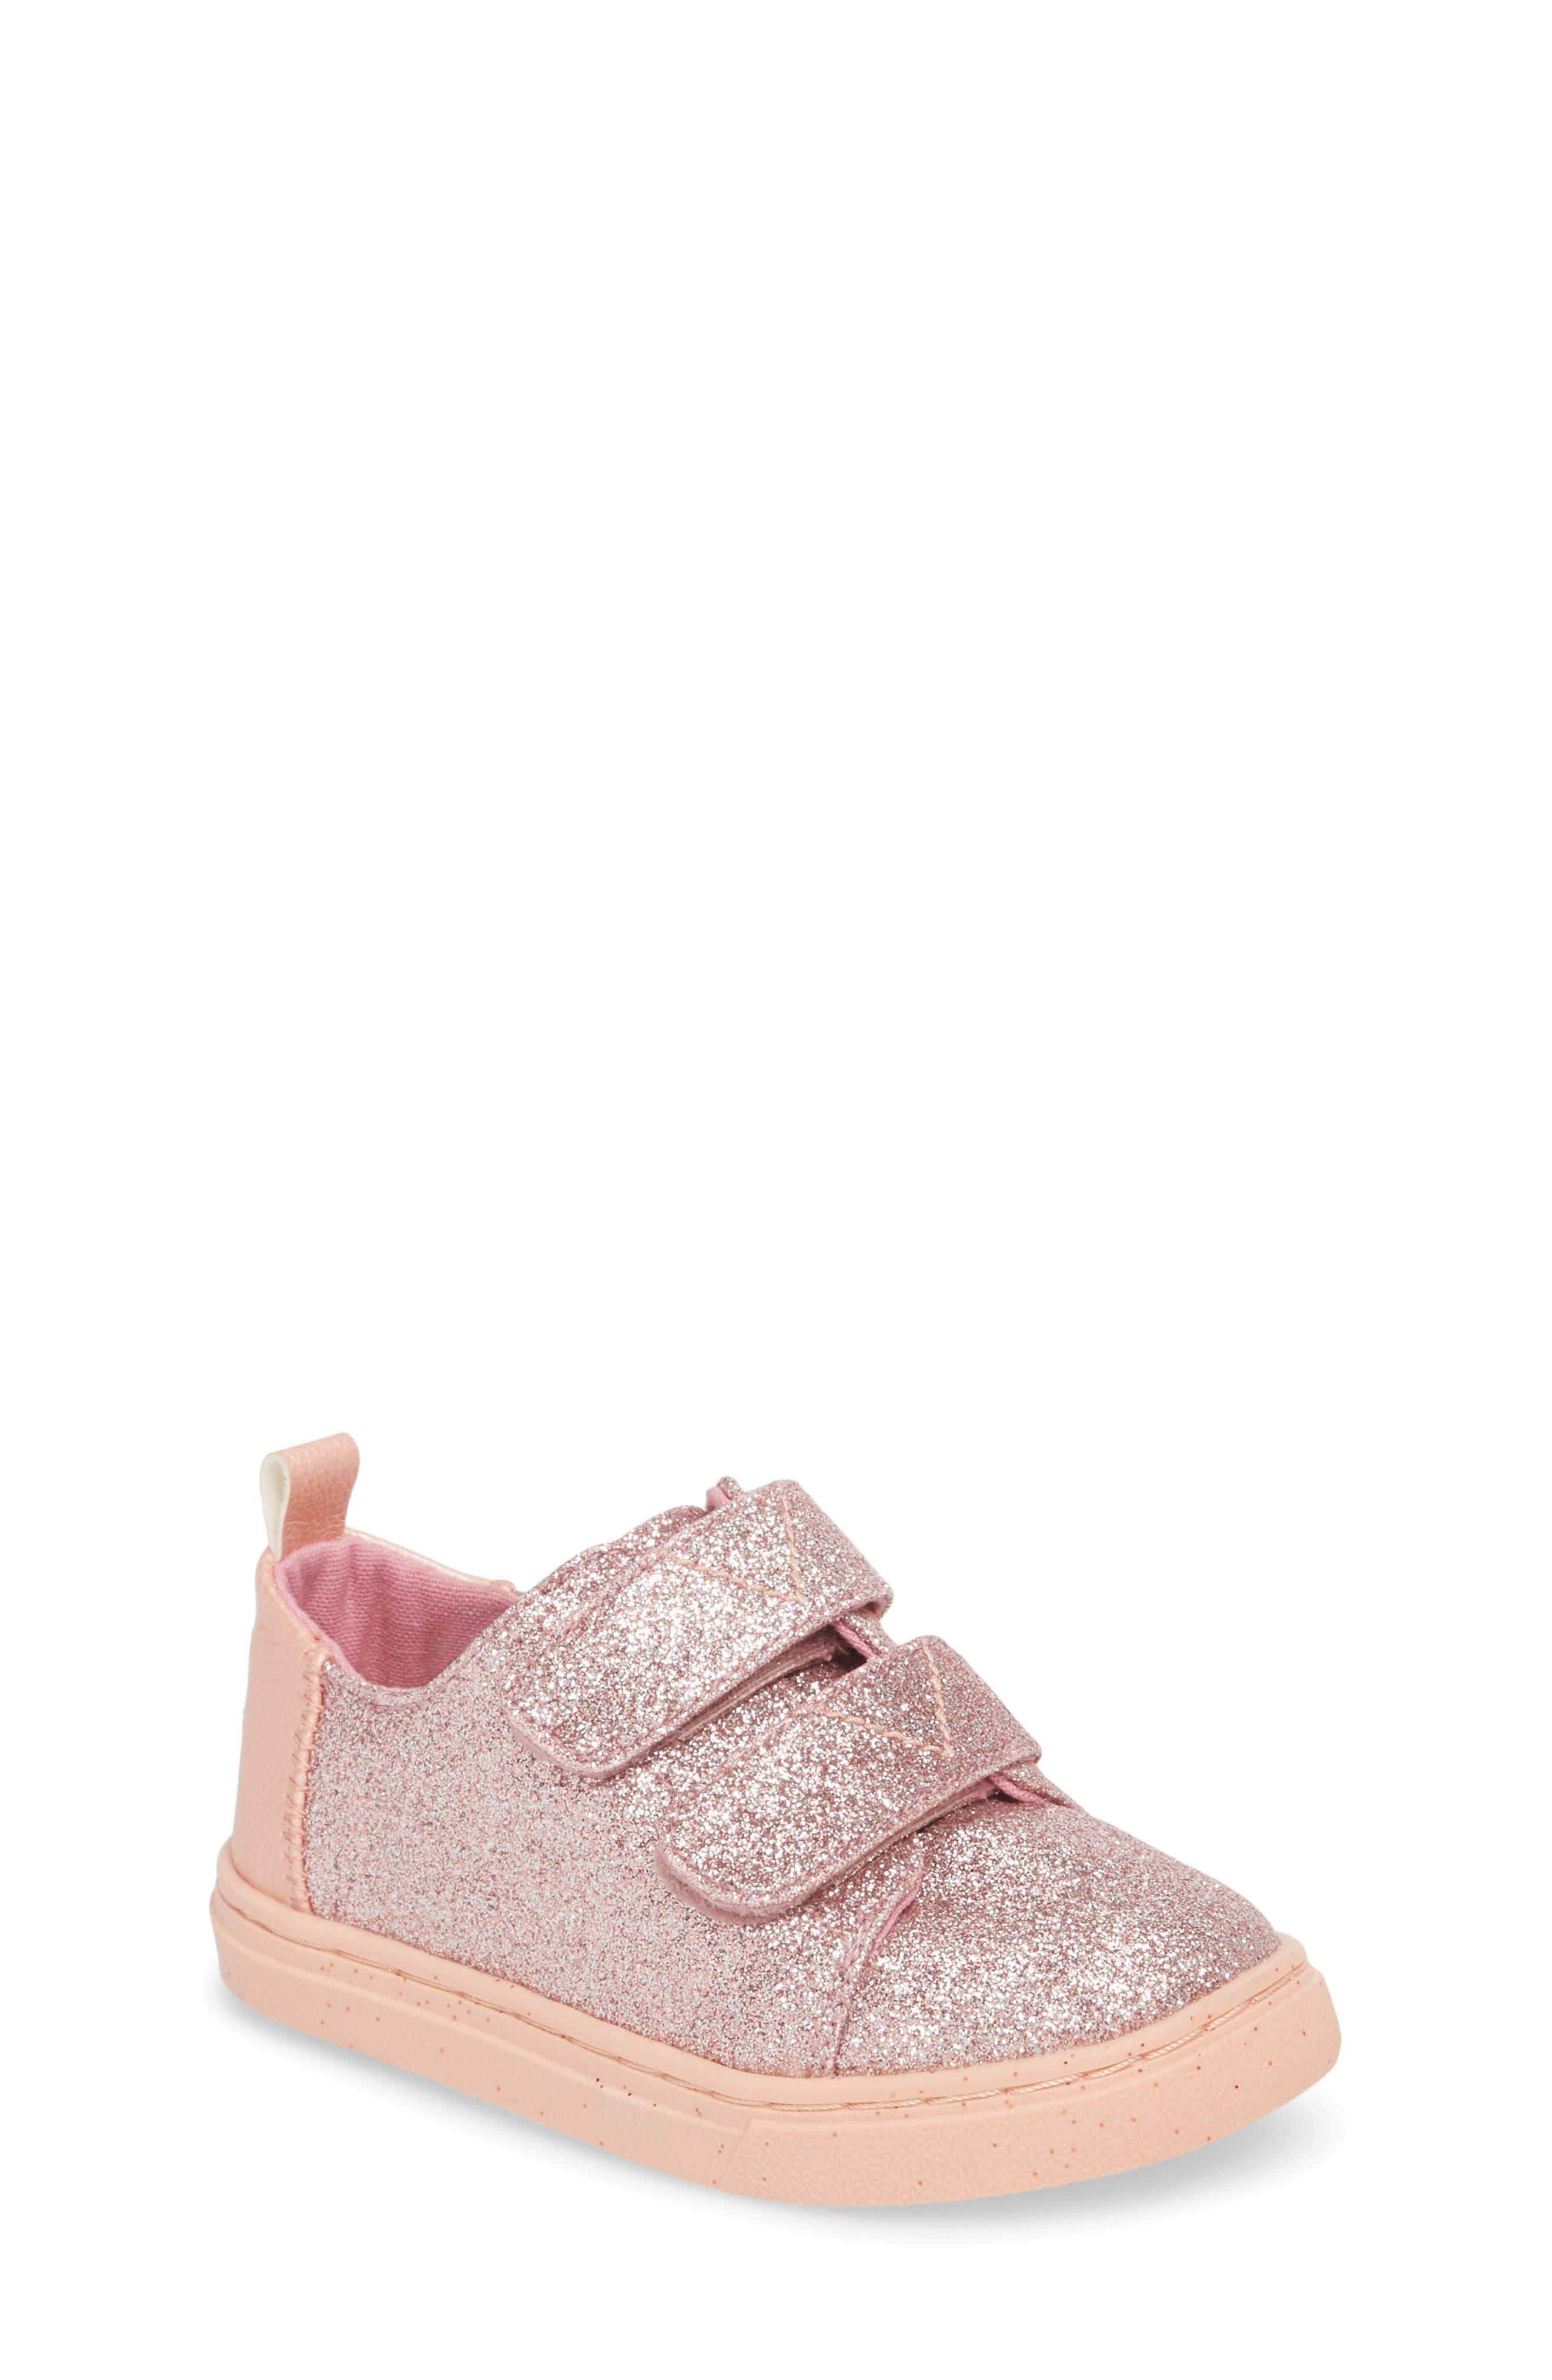 Lenny Metallic Glitter Sneaker,                         Main,                         color, ROSE GOLD GLITTER